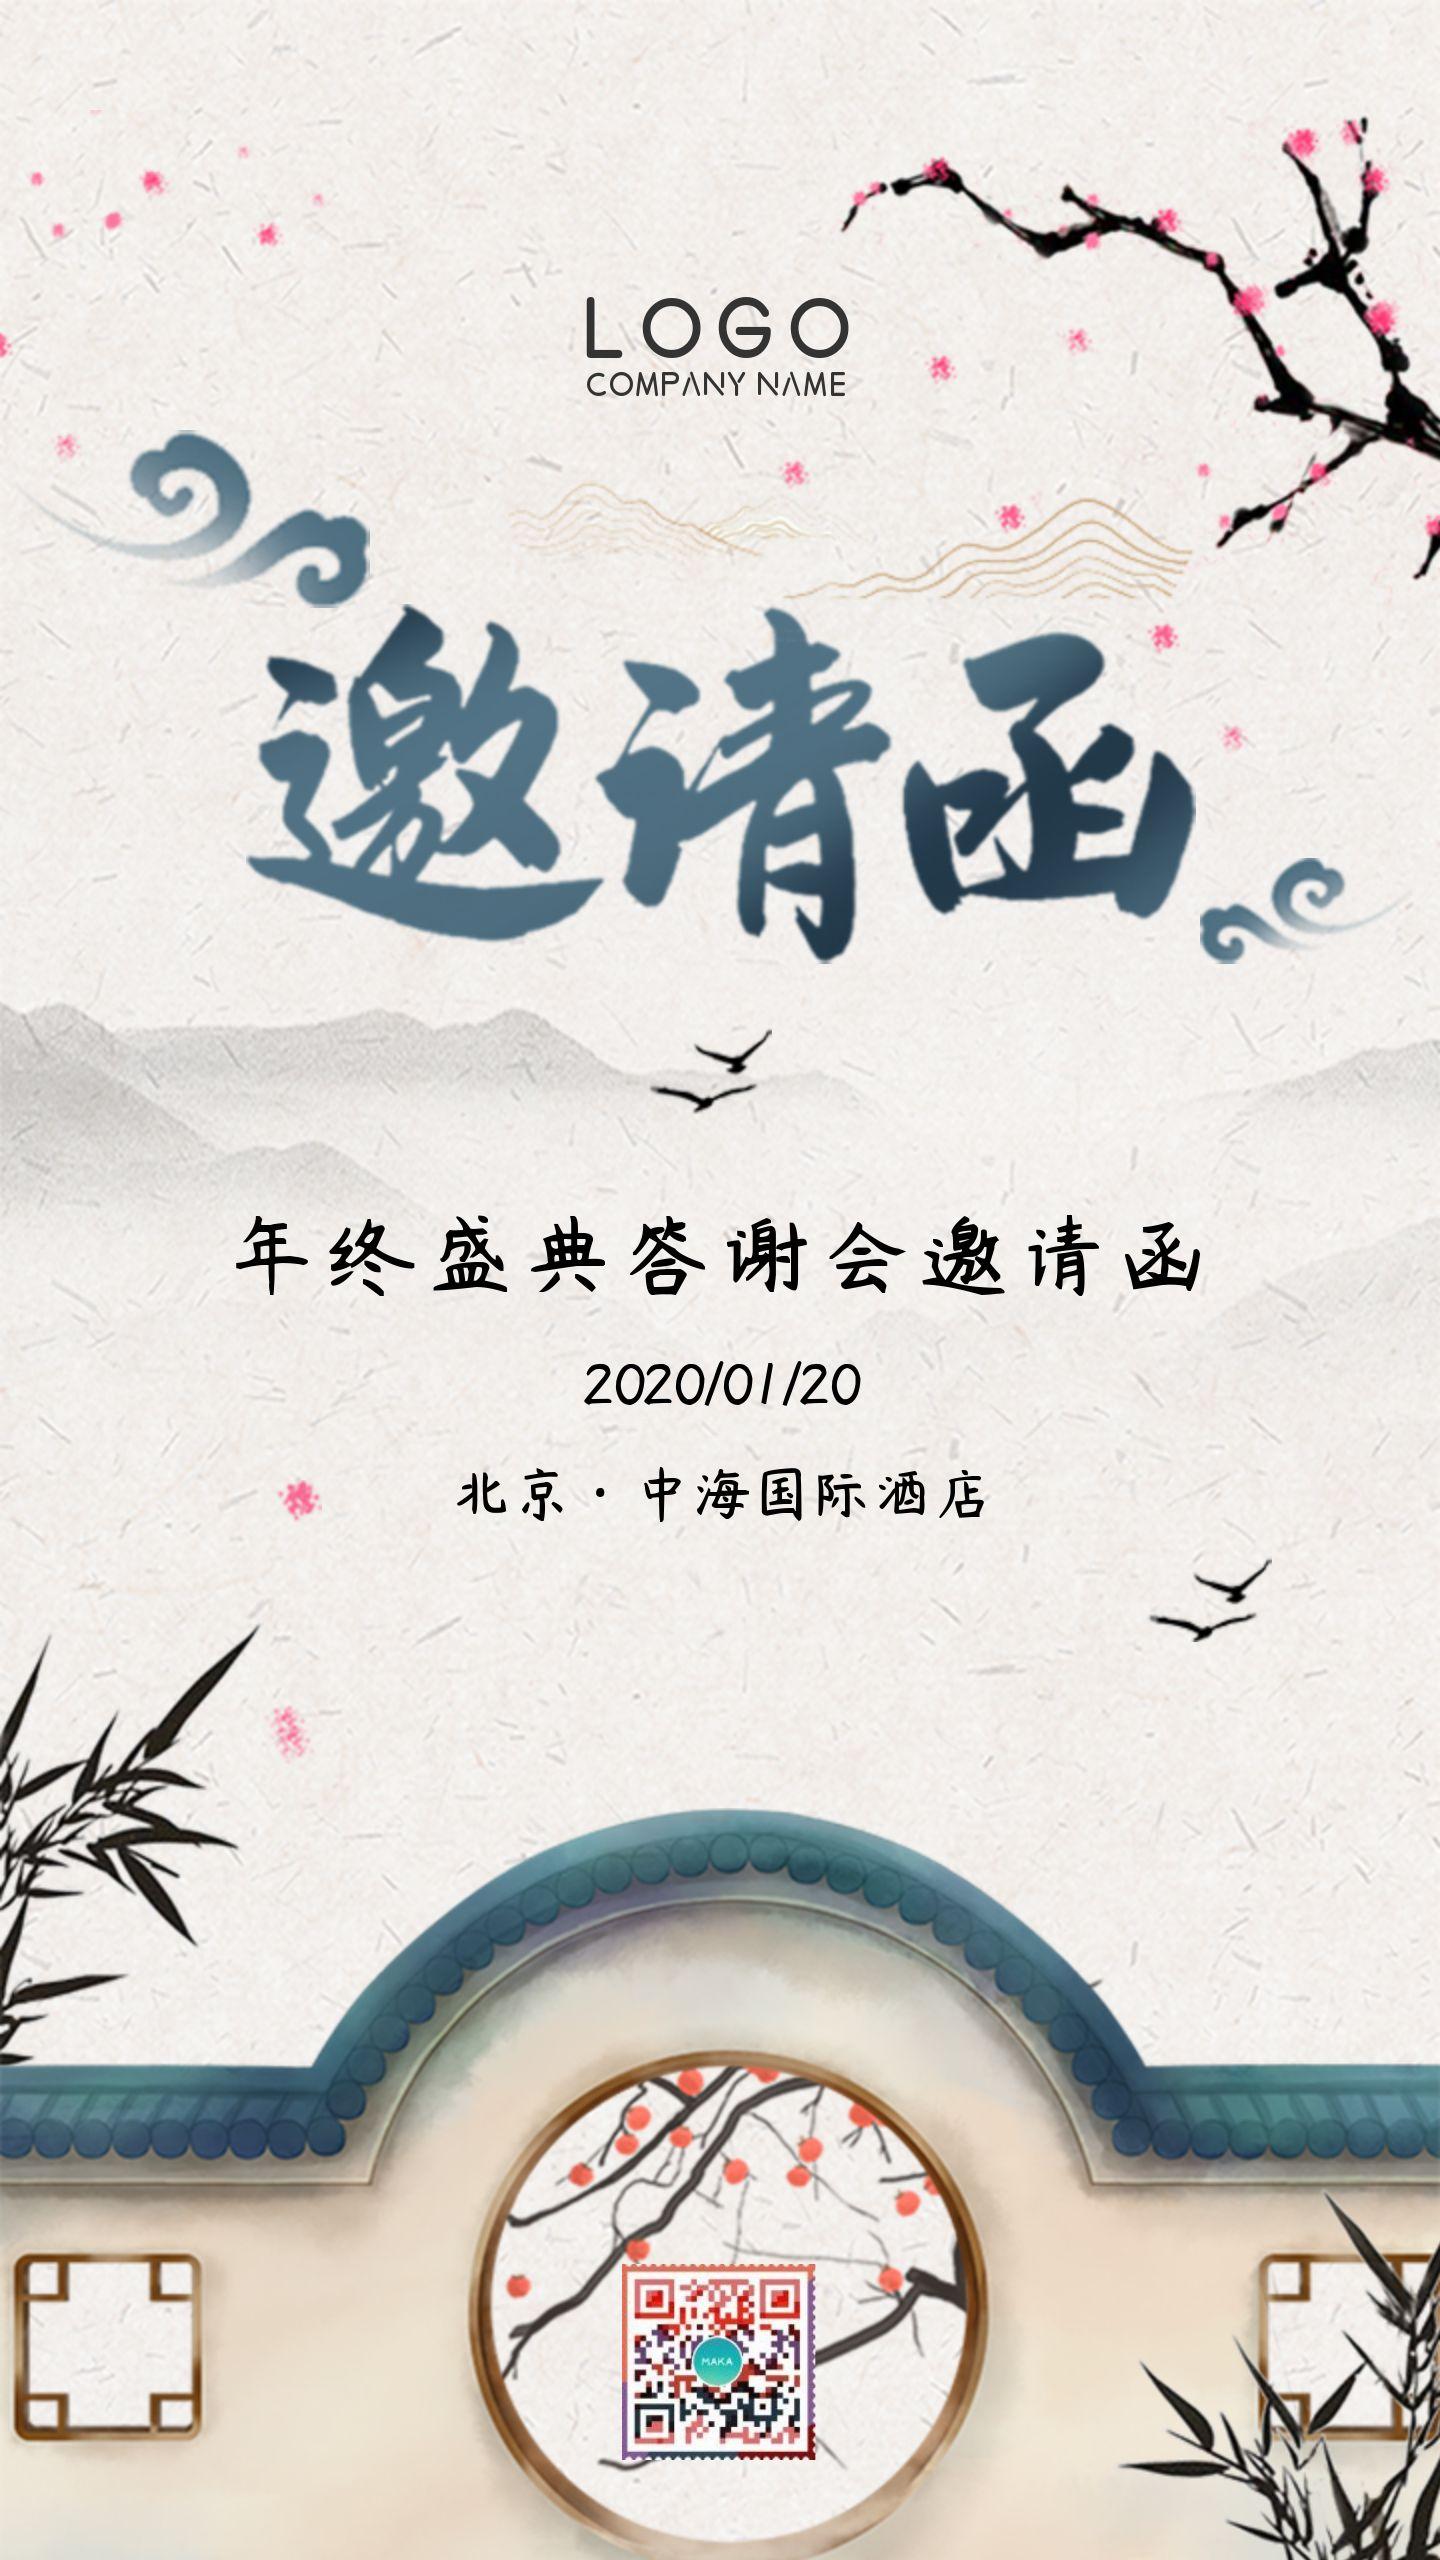 中国风水墨色彩企业年终盛典答谢会邀请函海报